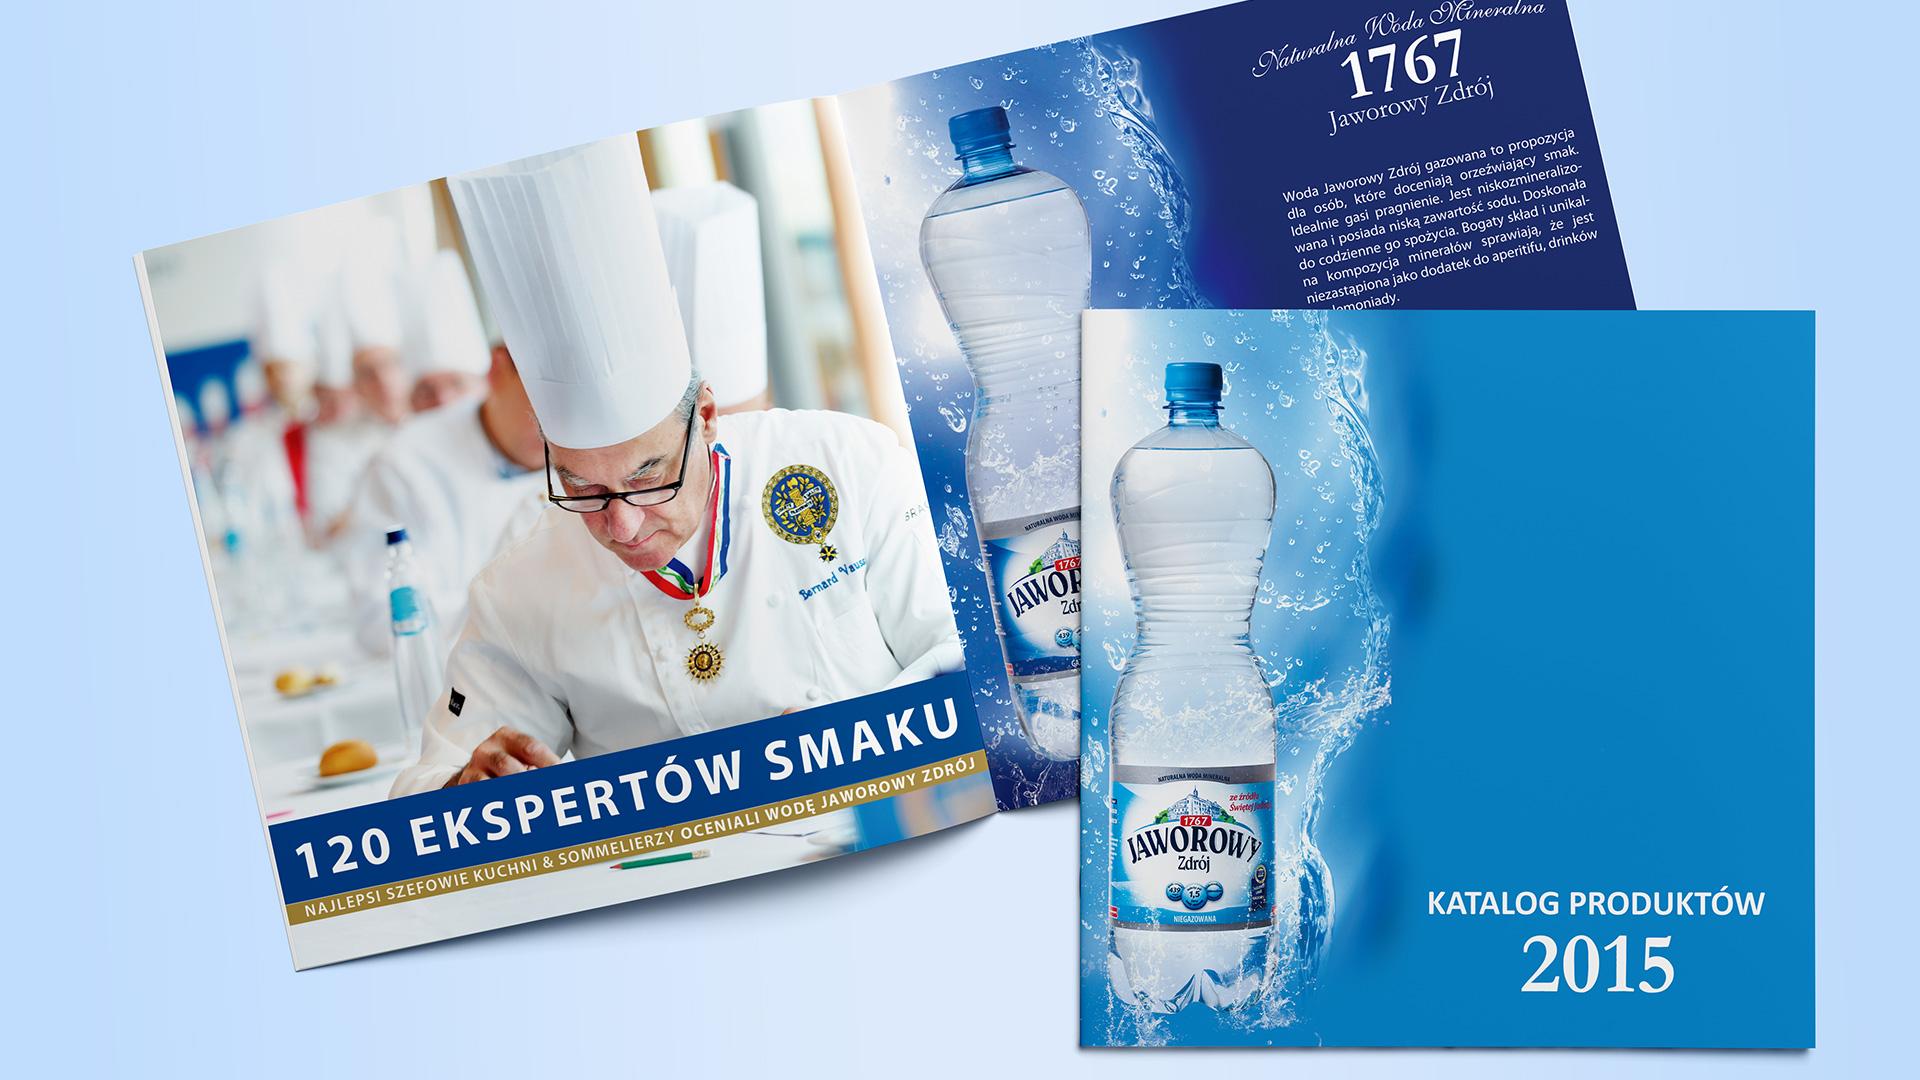 Katalog produktów Wody Mineralnej